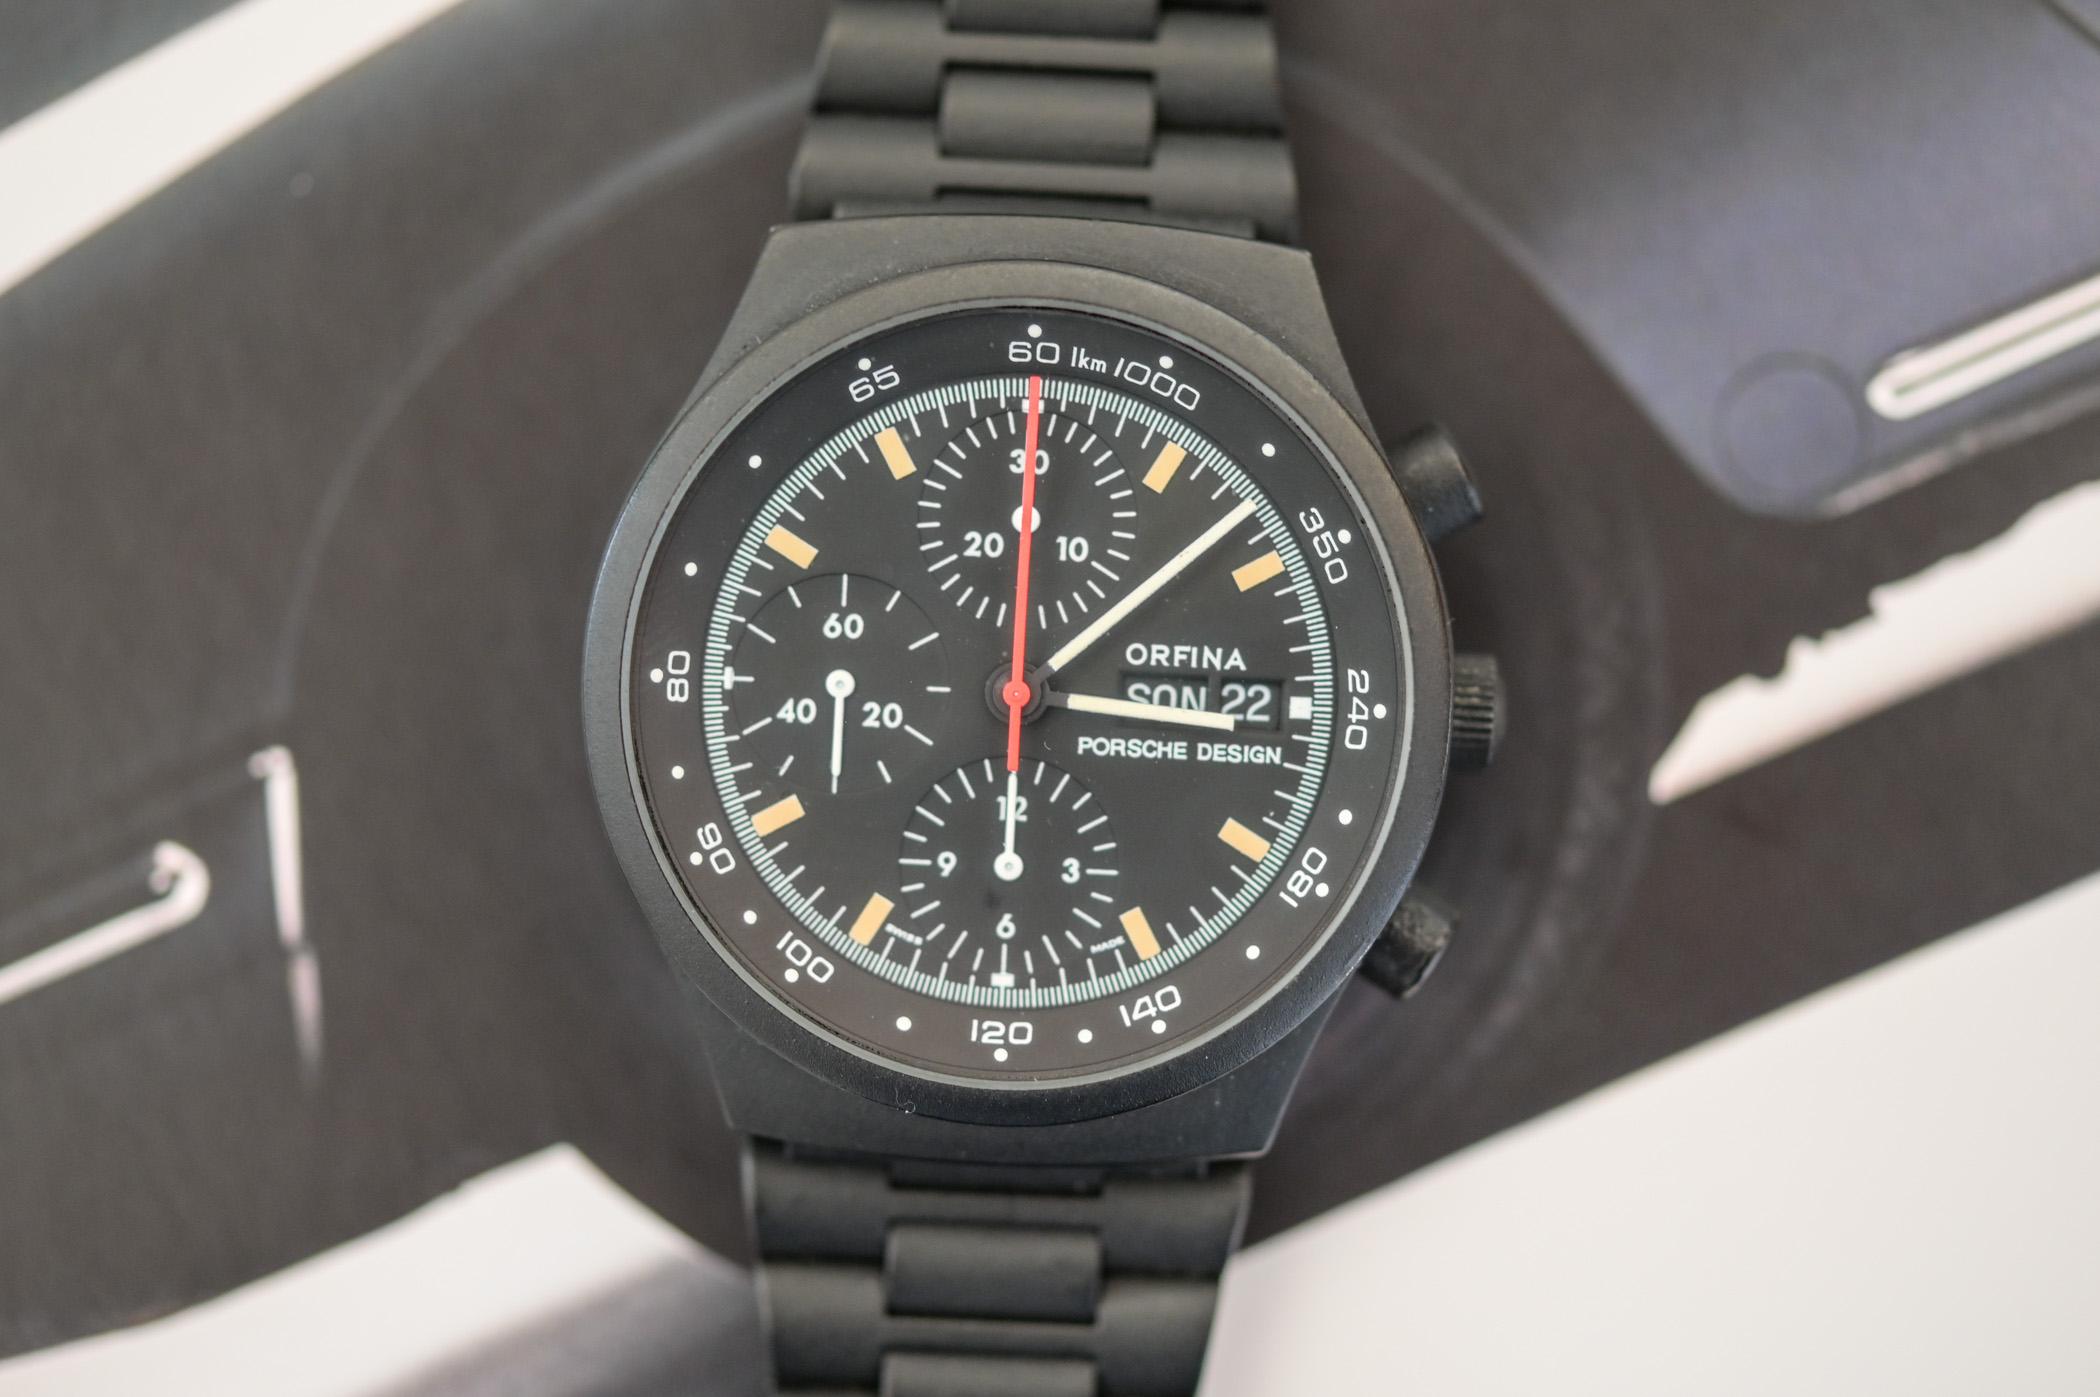 1972 Porsche Design Orfina Chronograph Black PVD - 1